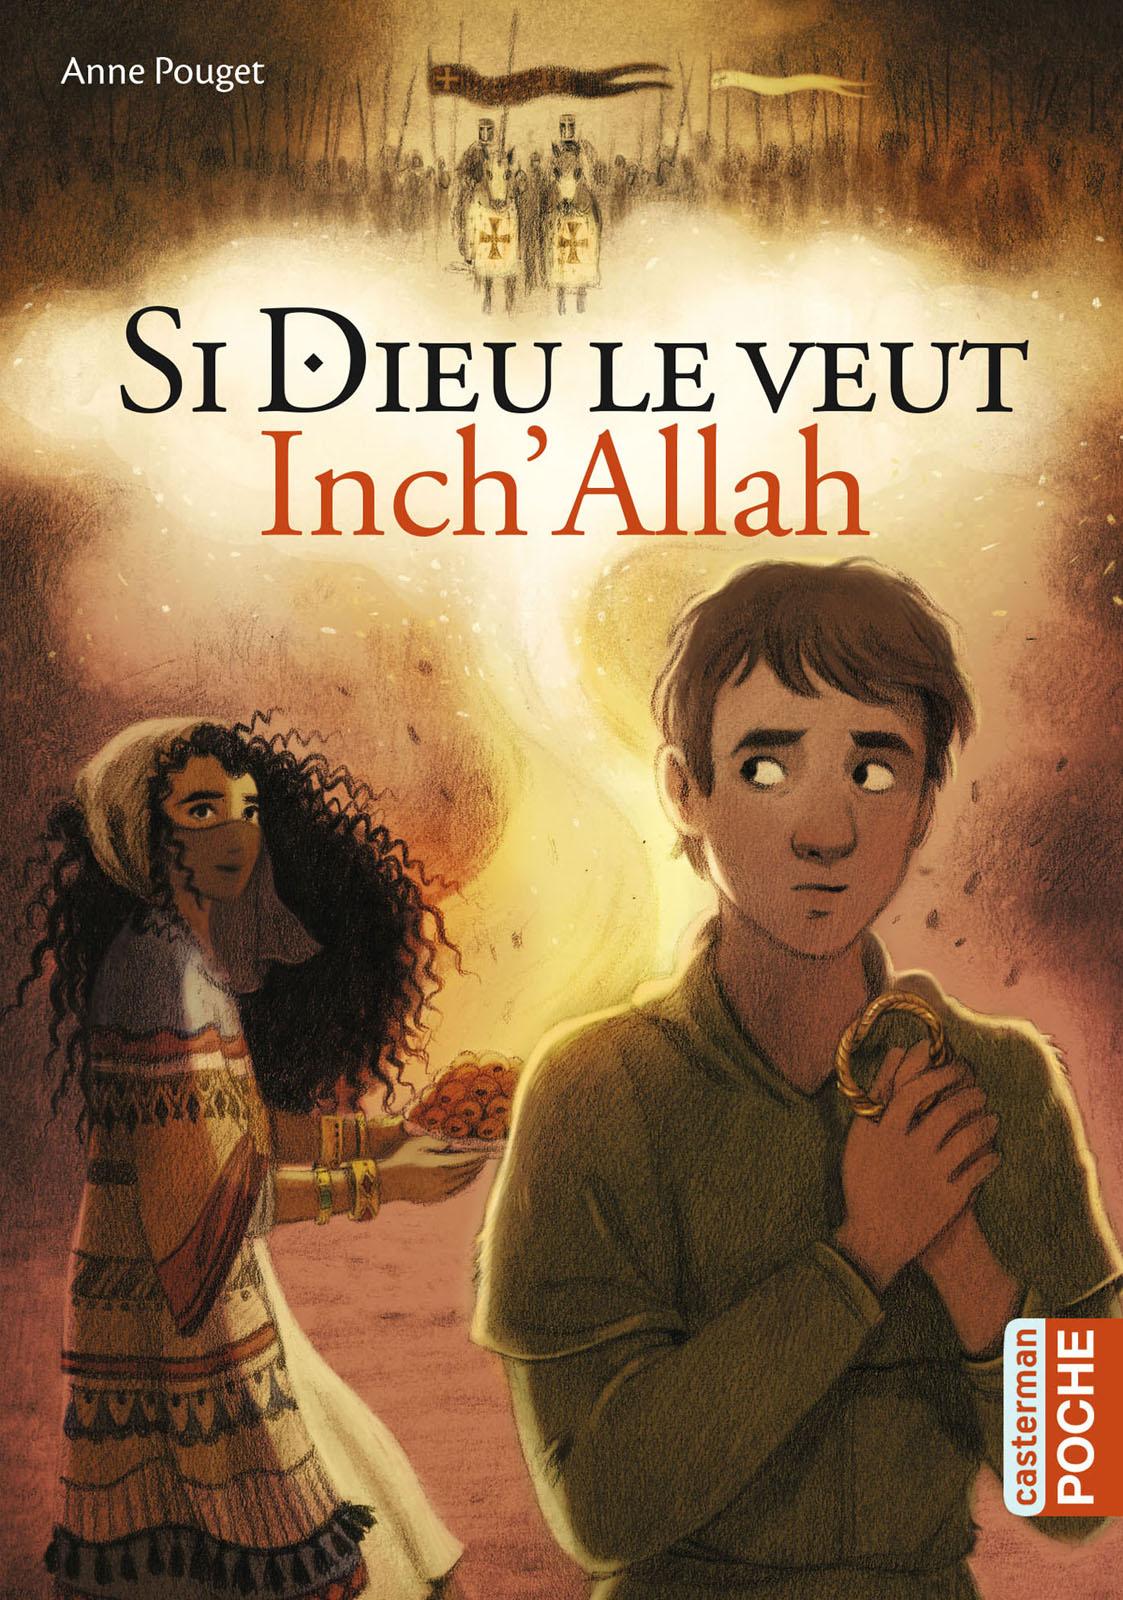 Si Dieu le veut Inch'Allah